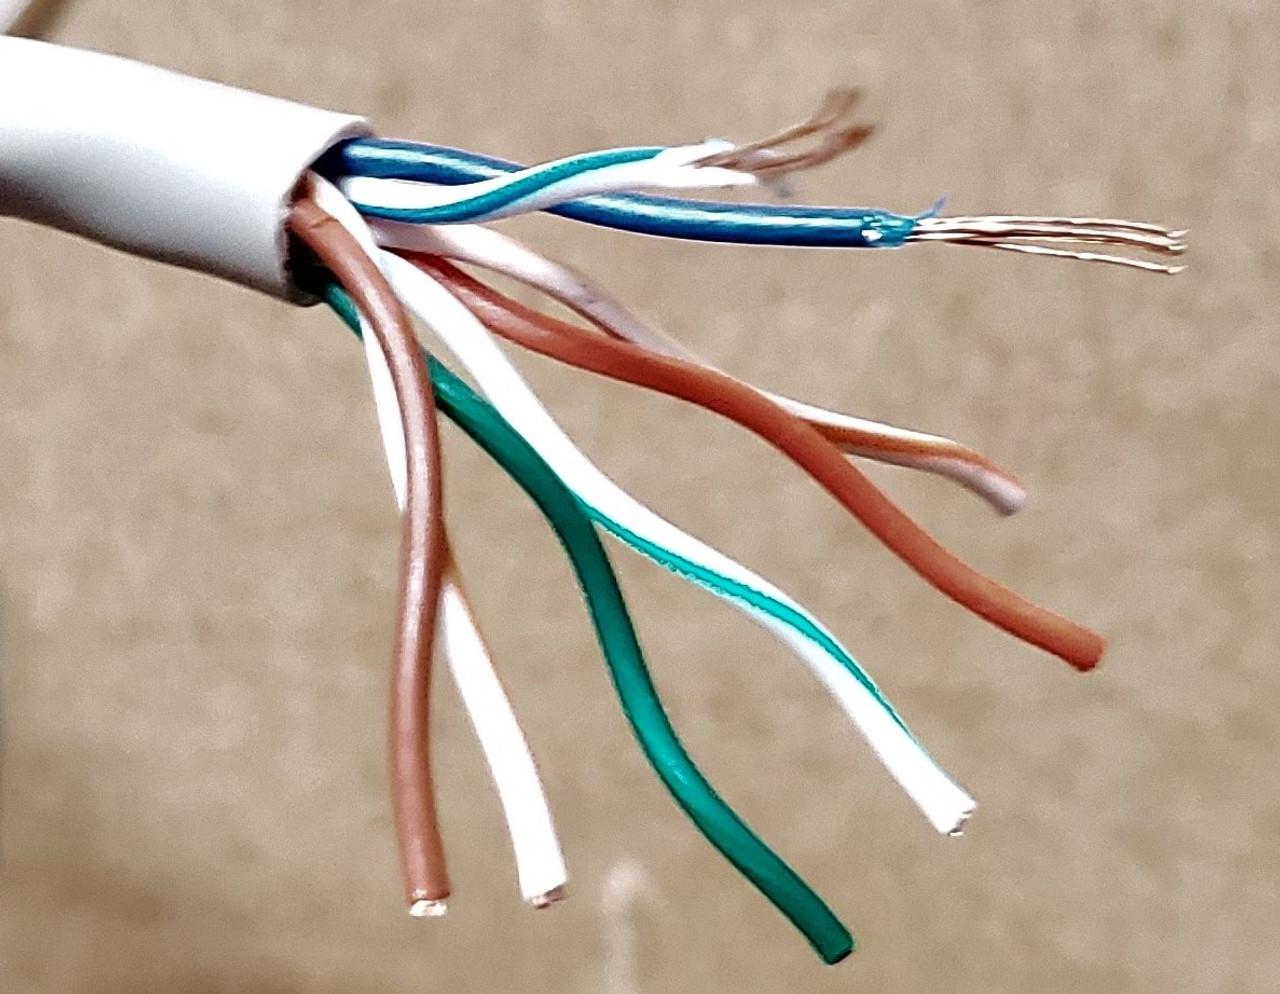 Cat6 Ethernet Bulk Cable Network Internet Cord Stranded UTP CM 24AWG 250ft Gray